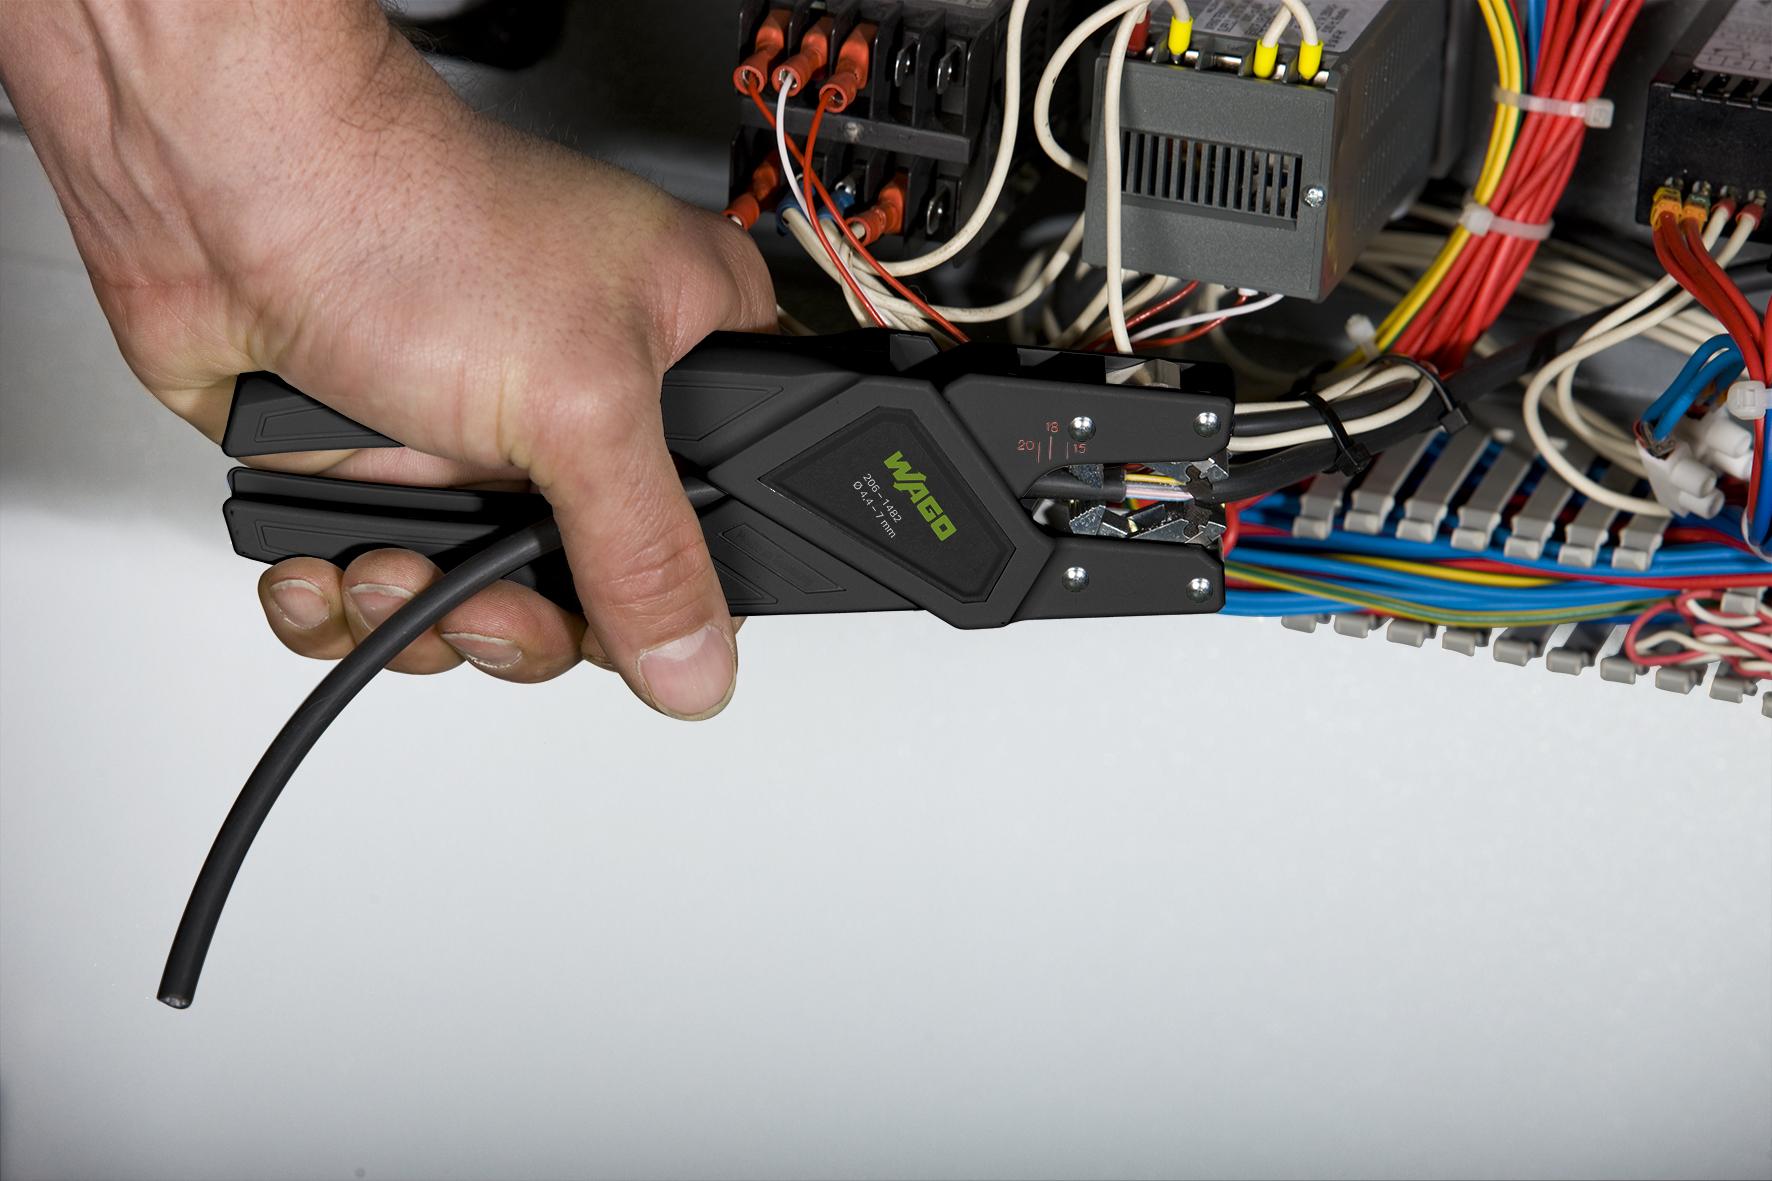 Wago stellt fünf neue Abmantelwerkzeuge für den Schaltanlagenbauer vor. (Bild: Wago Kontakttechnik GmbH & Co. KG)